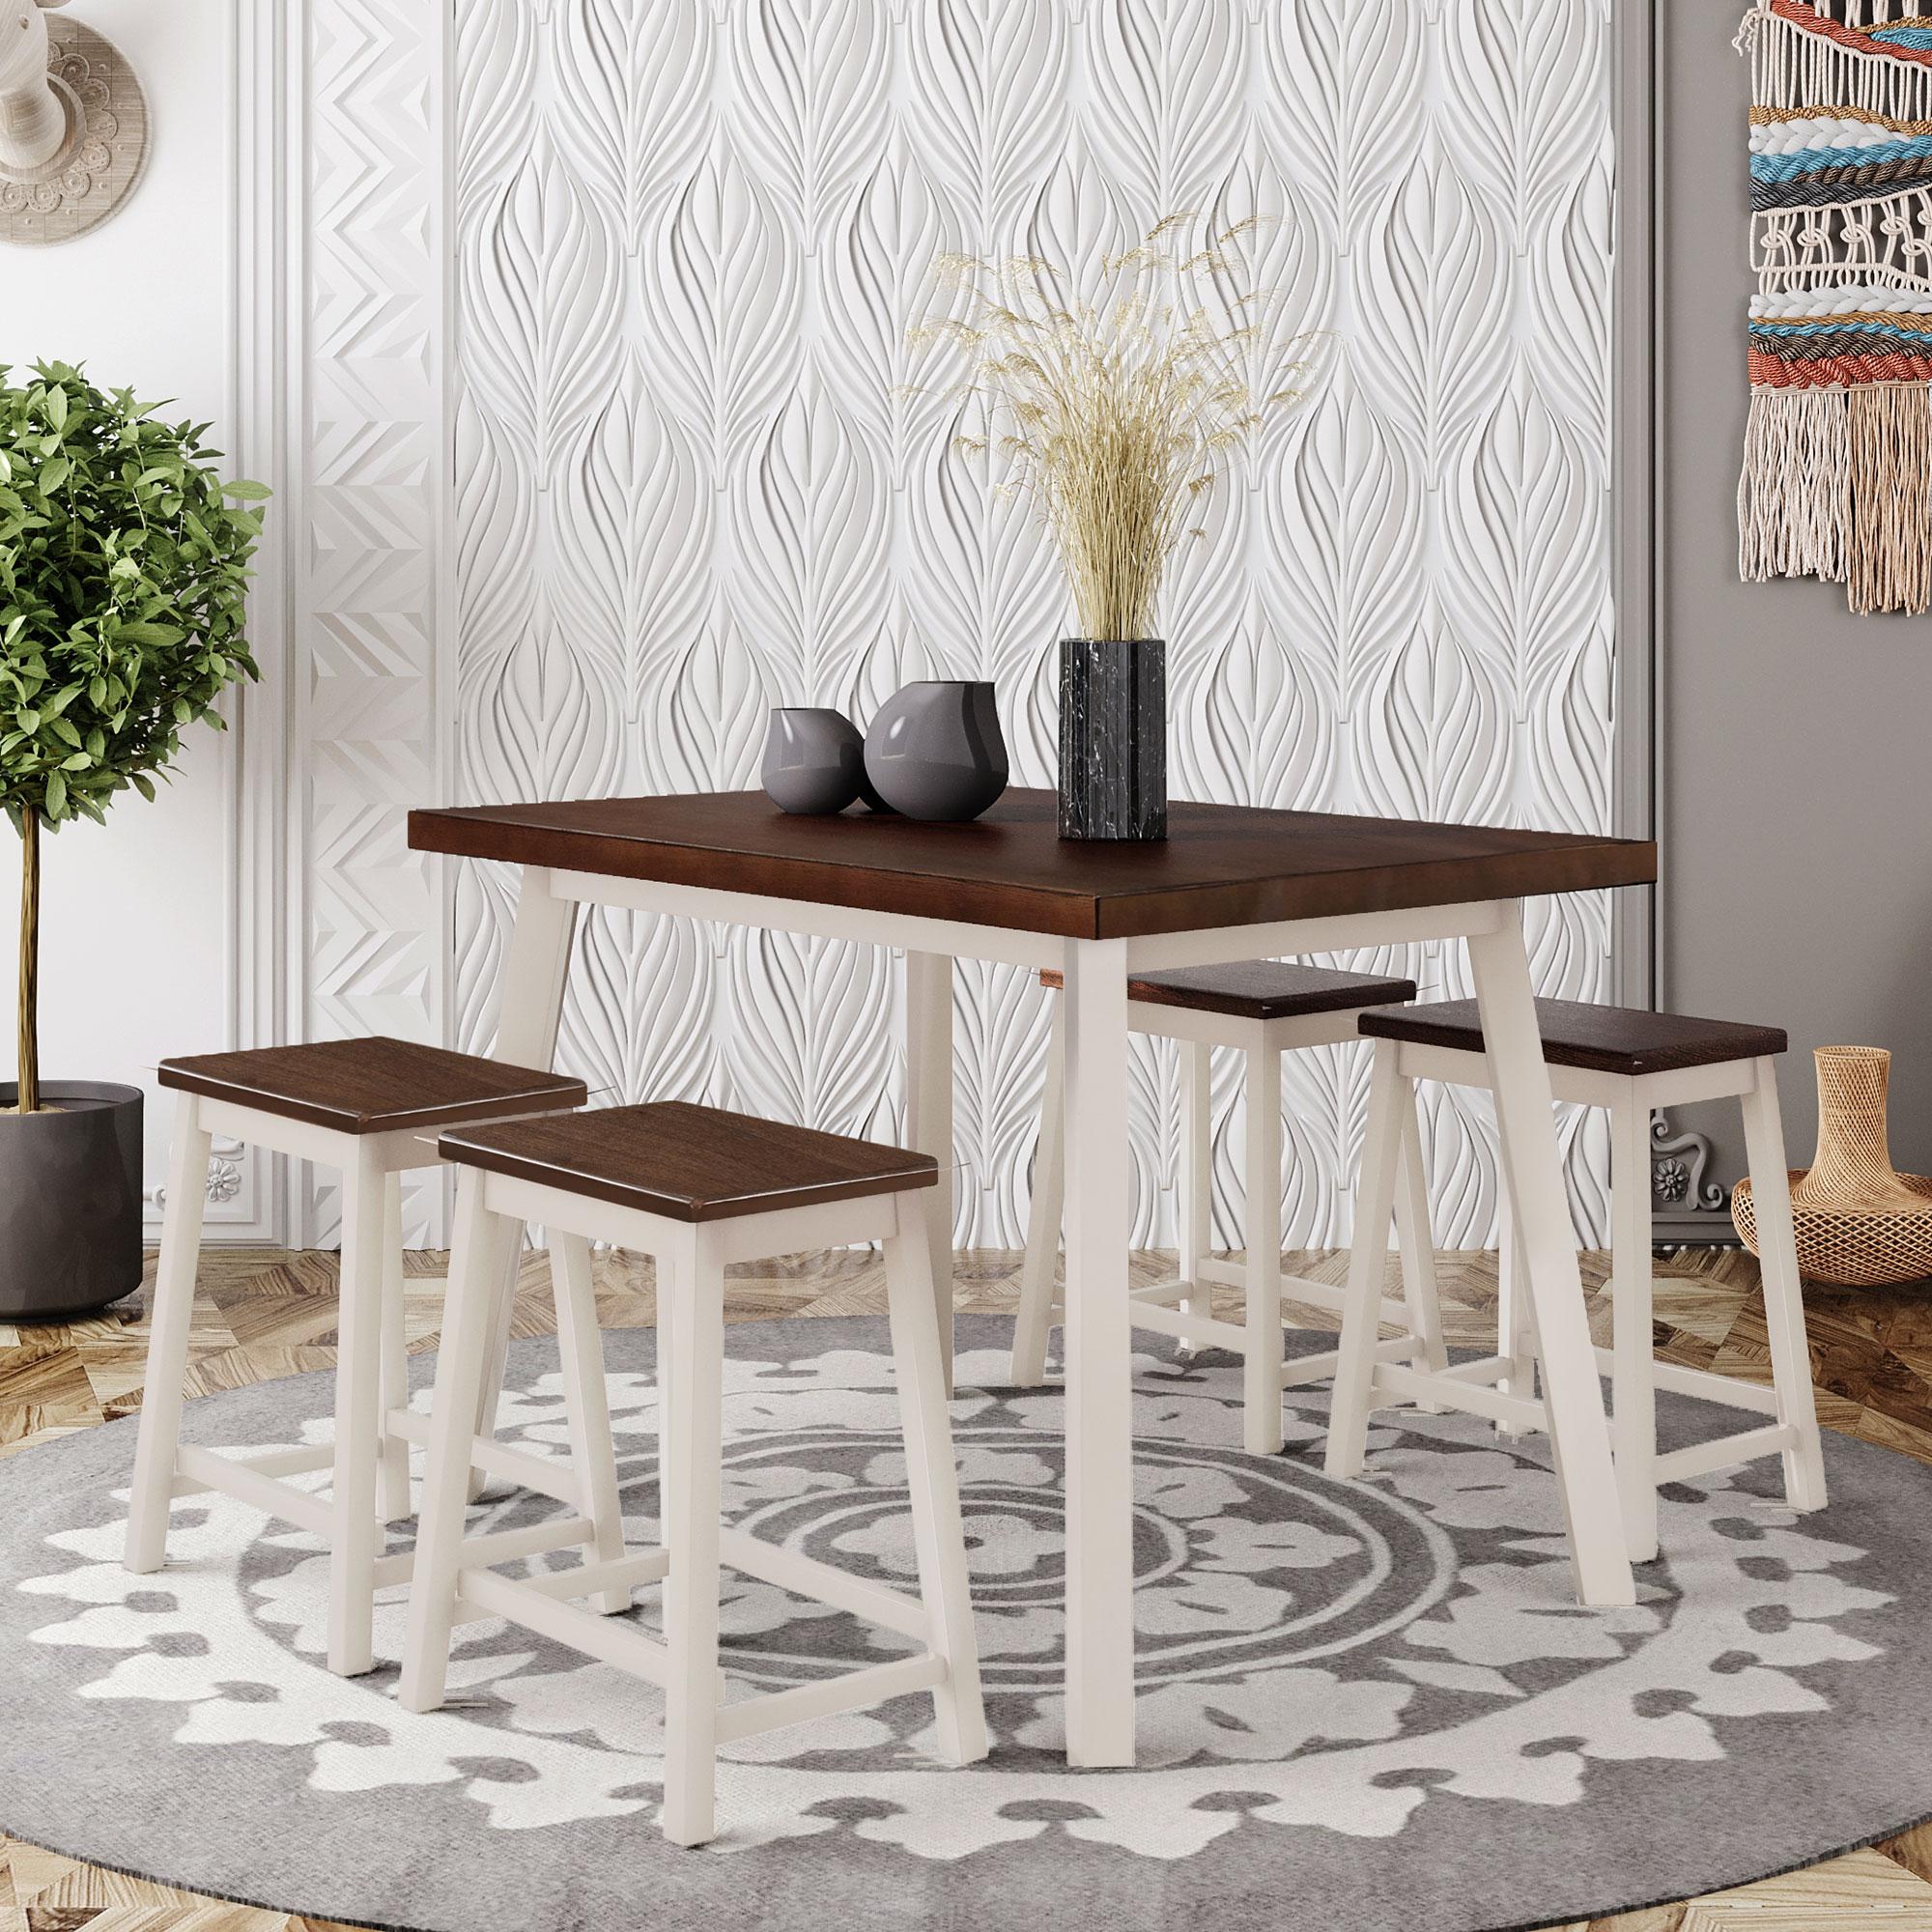 Деревенский 5 шт. Кухня набор мебели с 4 стулья набор столов для ресторана современная мебель для дома Прямая доставка